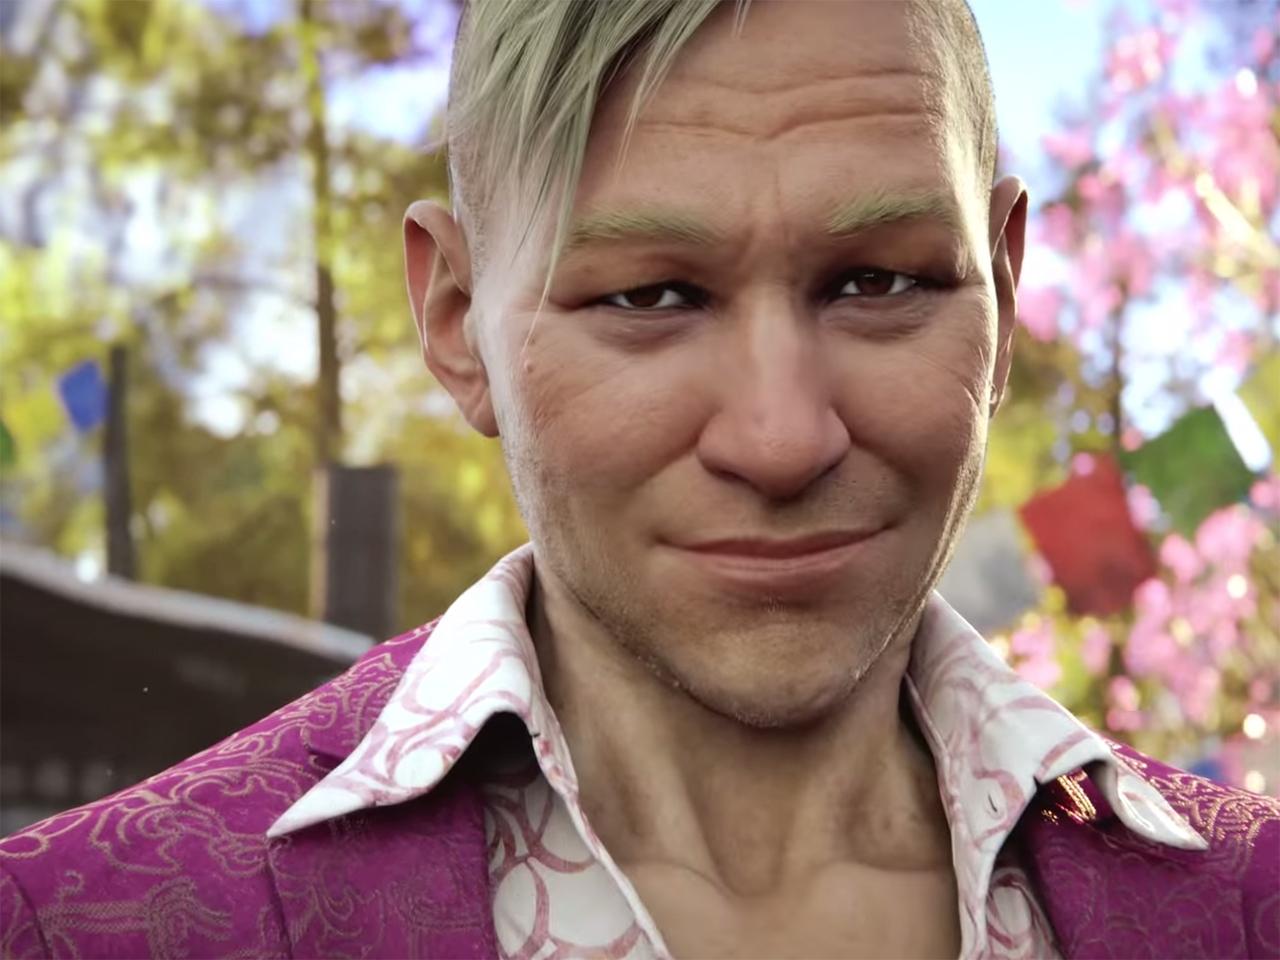 Пэйган Мин лично поприветствовал игроков Far Cry 4 в трейлере релиза